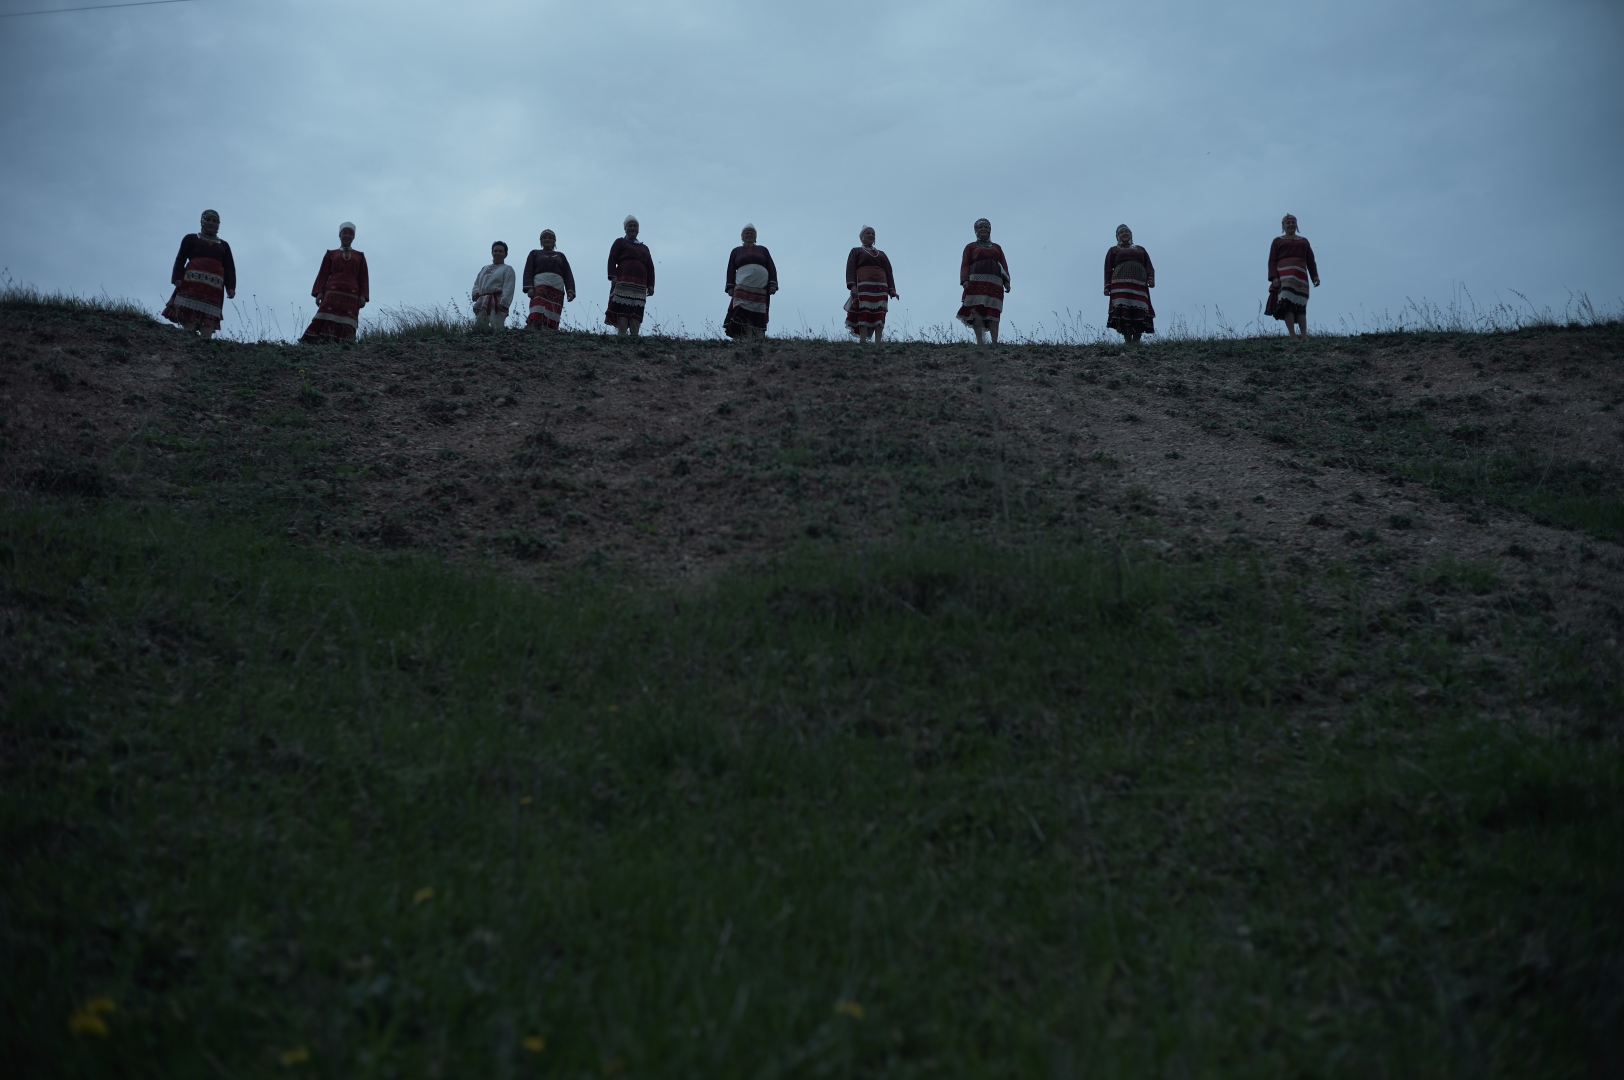 Чувашские женщины в костюмах, напоминающих воинские. Село Шимкусы